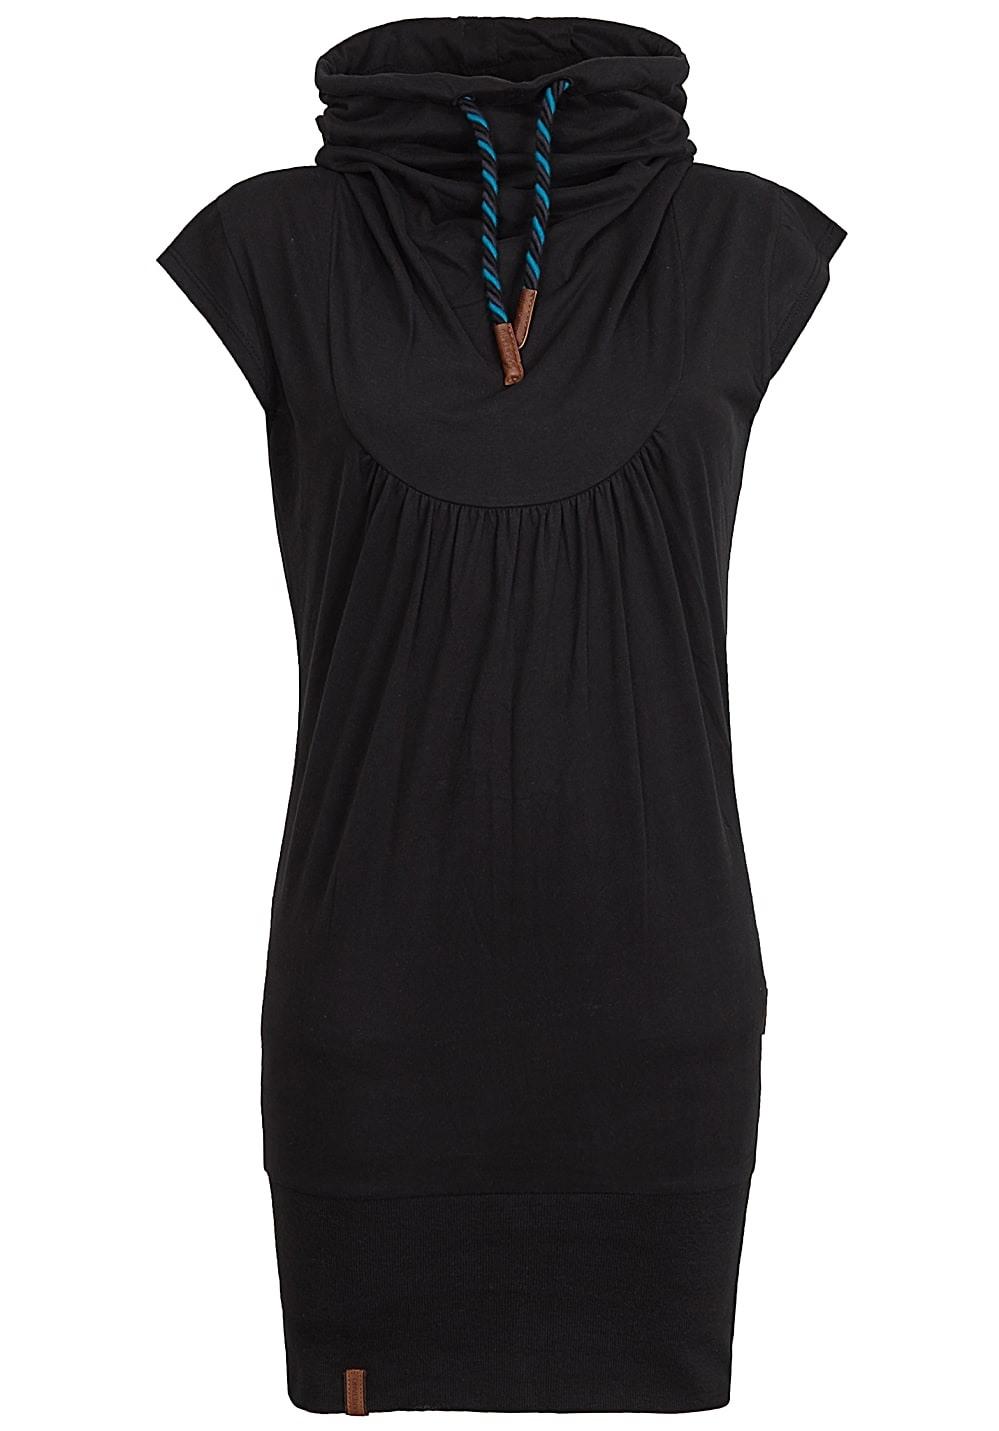 20 Genial Kleider Shop Online VertriebAbend Coolste Kleider Shop Online Spezialgebiet